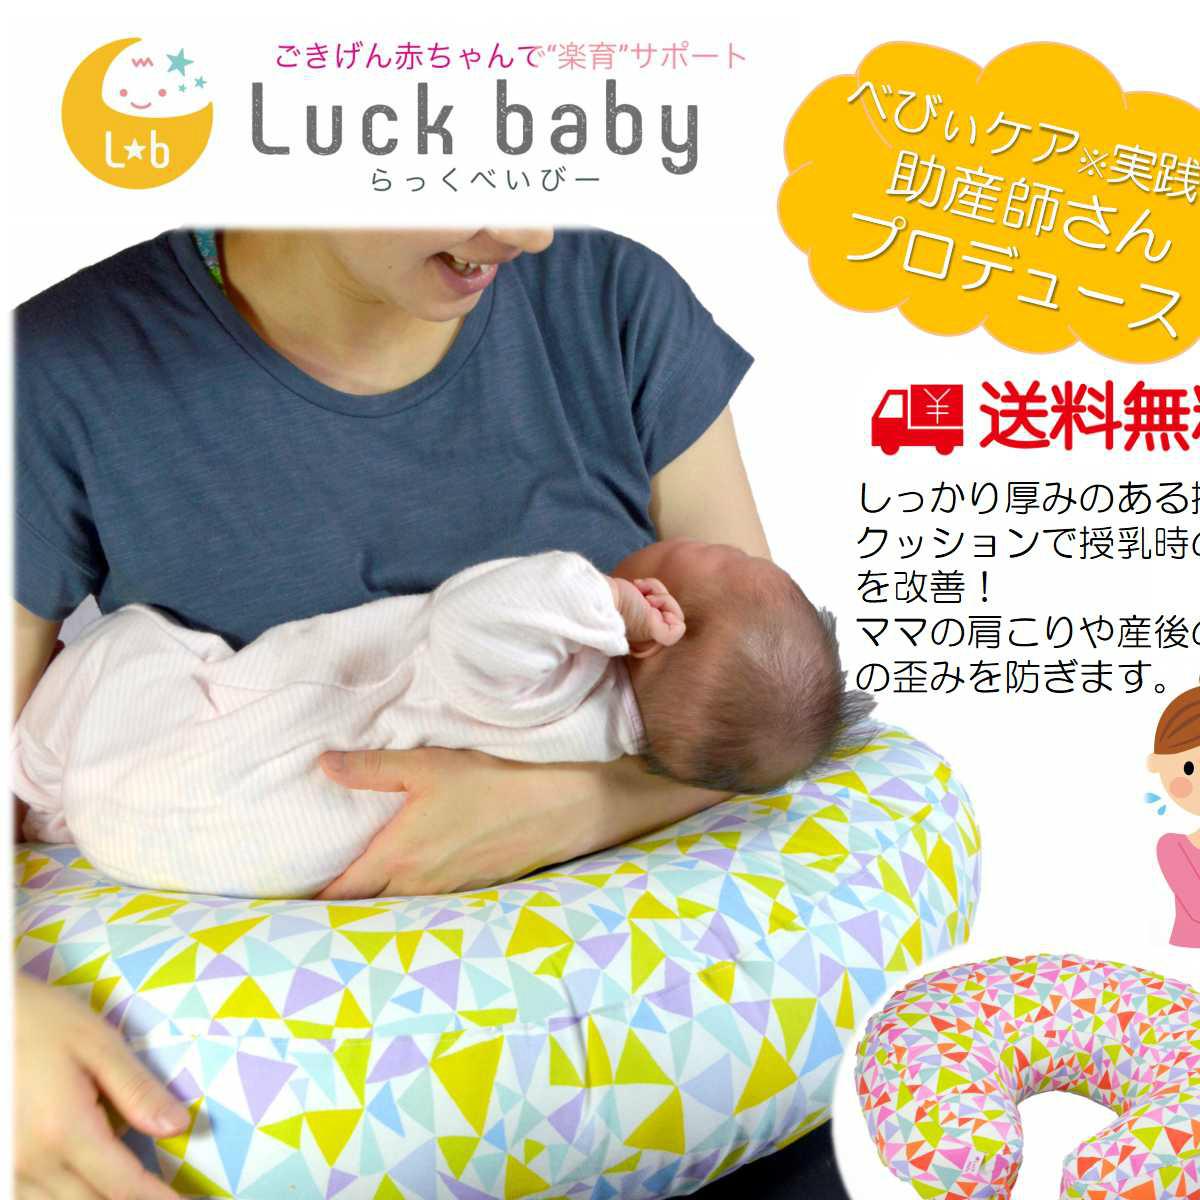 【送料無料】肉厚!!授乳クッション ラックベイビー らっくべいびー Luck baby